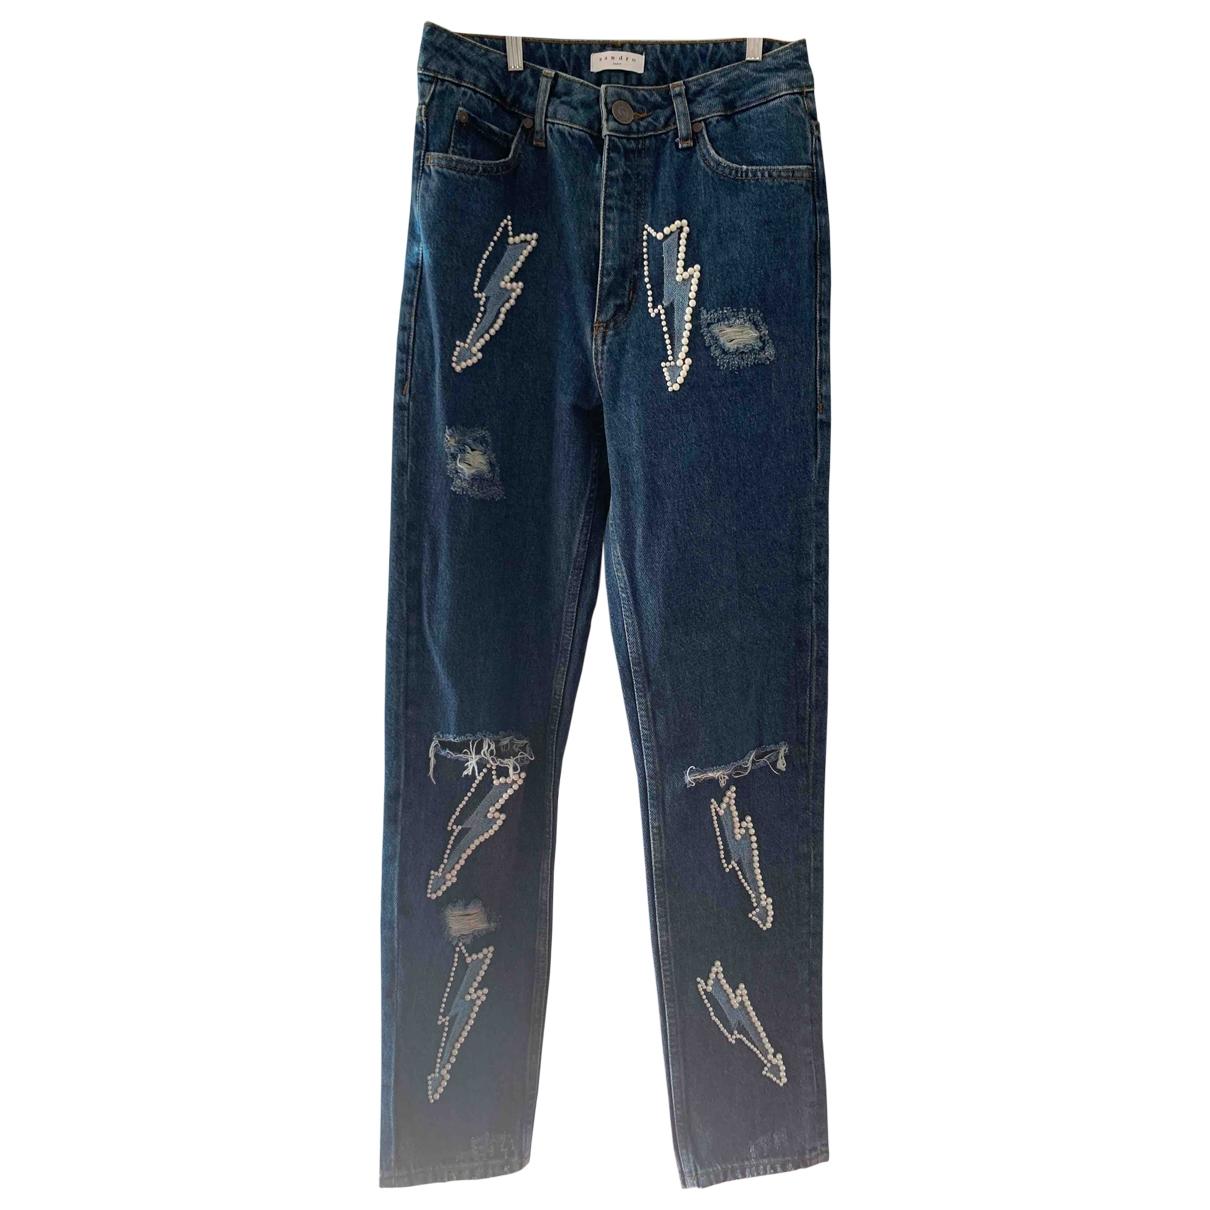 Sandro \N Blue Denim - Jeans Trousers for Women 36 FR